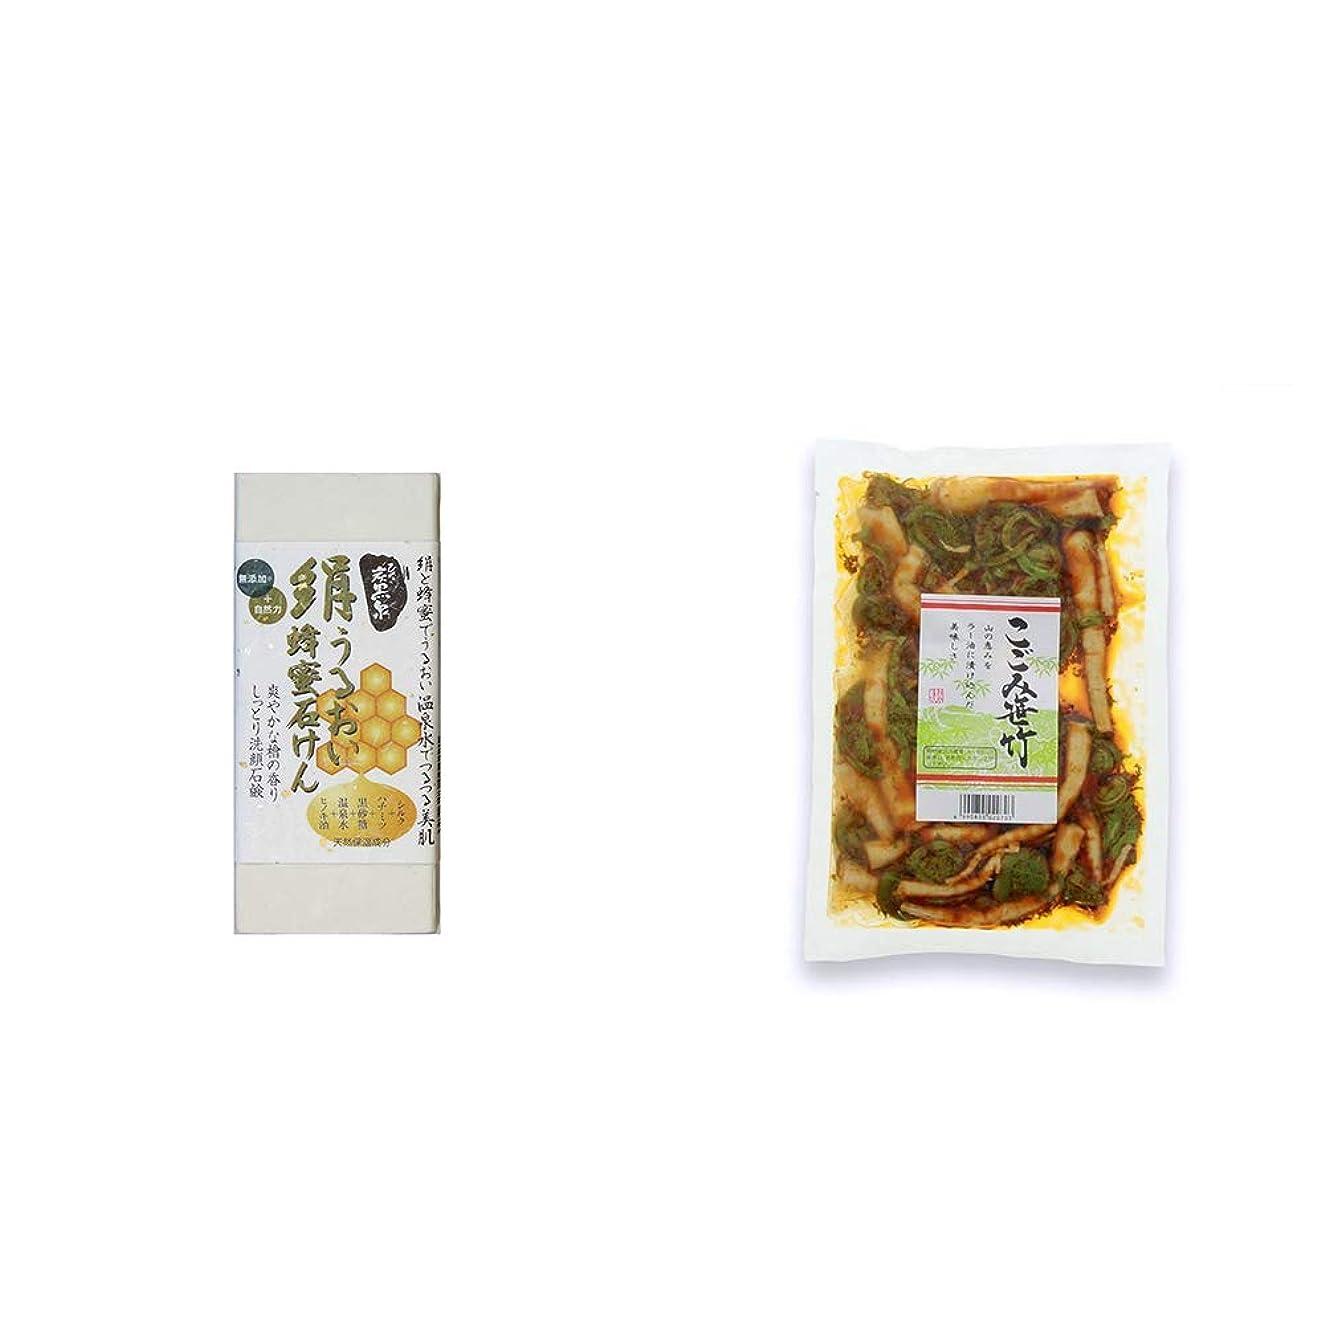 意気込み水曜日ベアリングサークル[2点セット] ひのき炭黒泉 絹うるおい蜂蜜石けん(75g×2)?こごみ笹竹(250g)